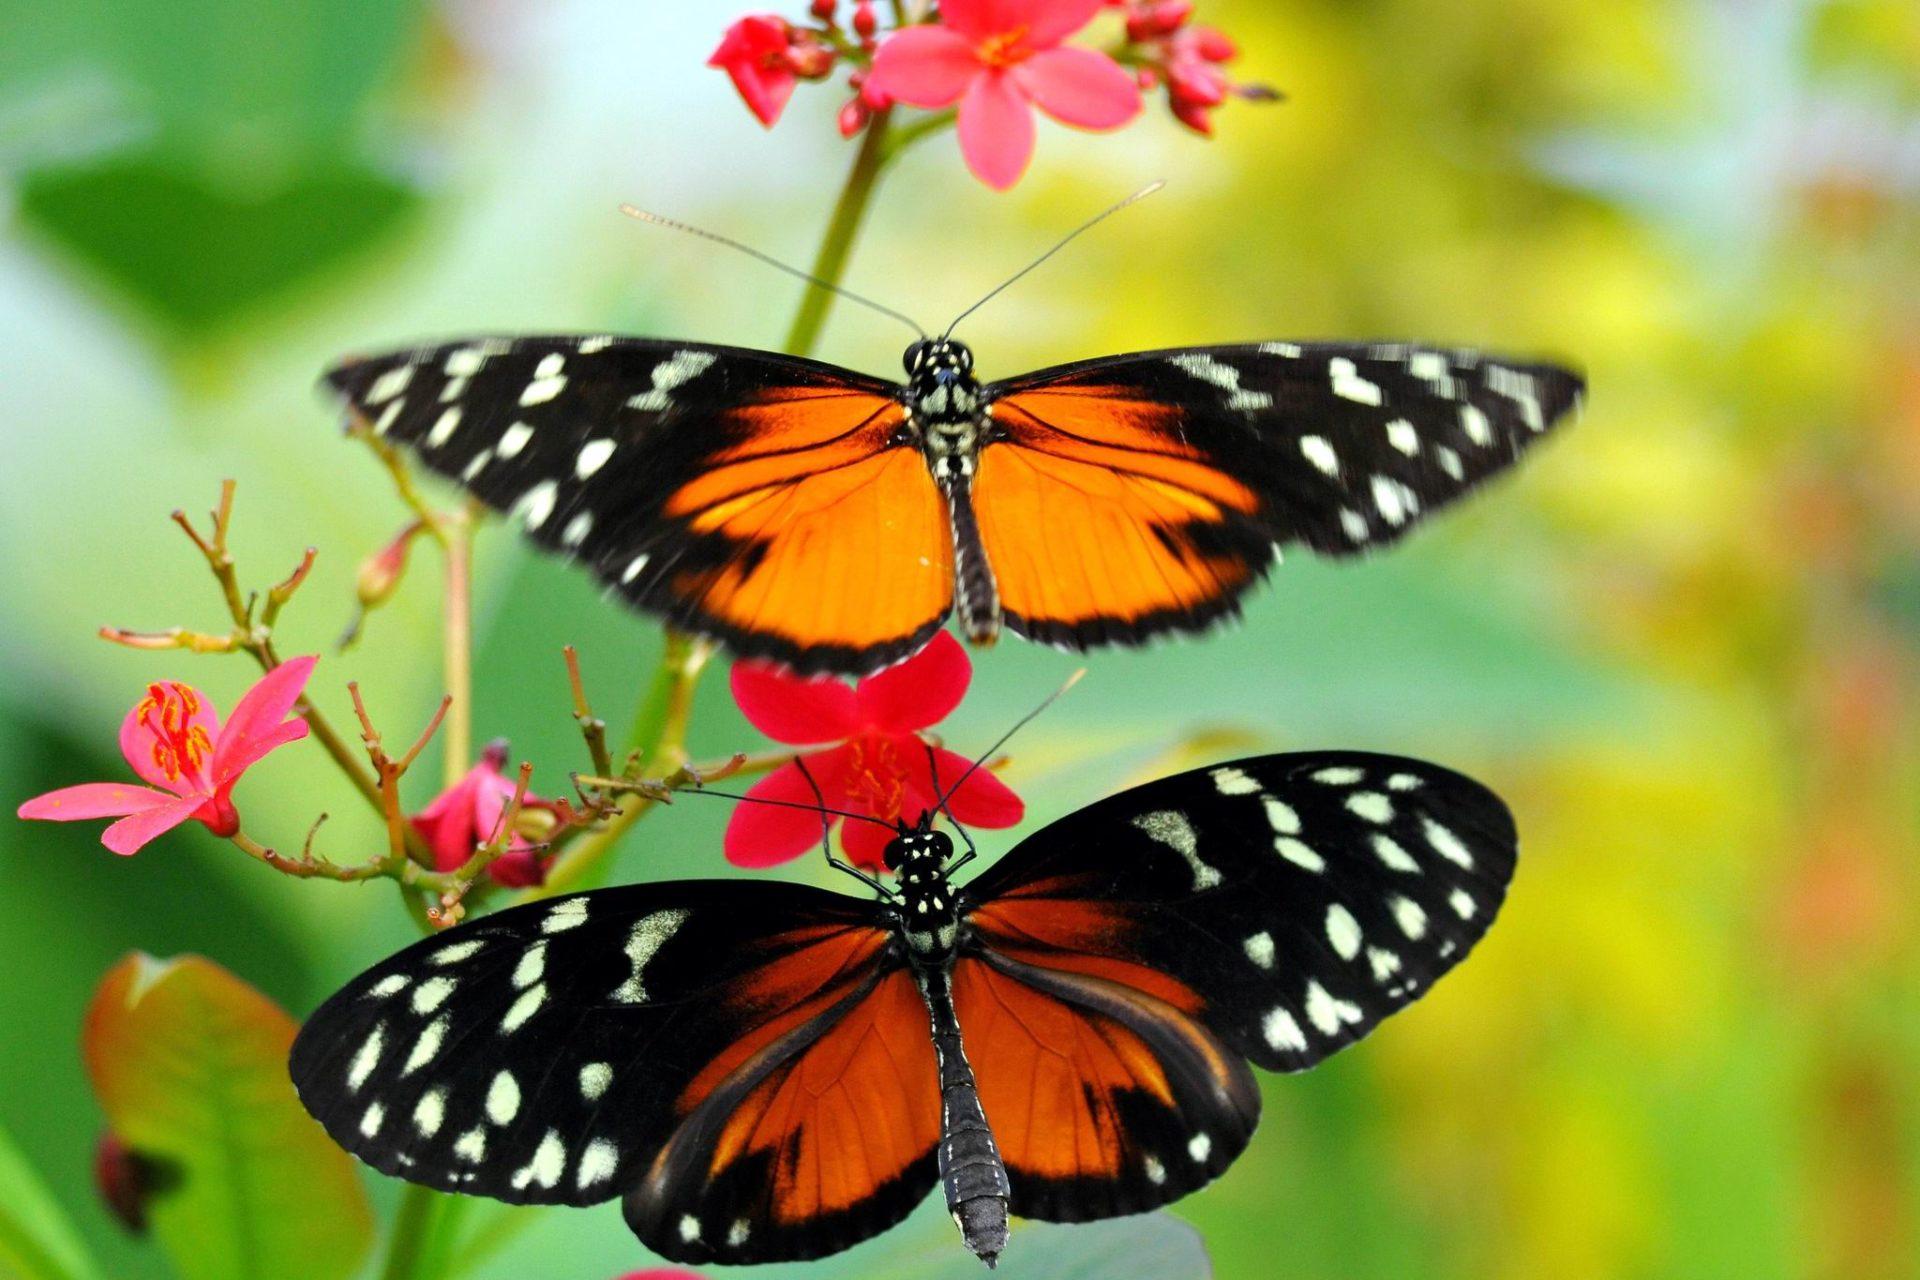 Способность бабочек создавать реактивную тягу хотят применить в конструкции дронов